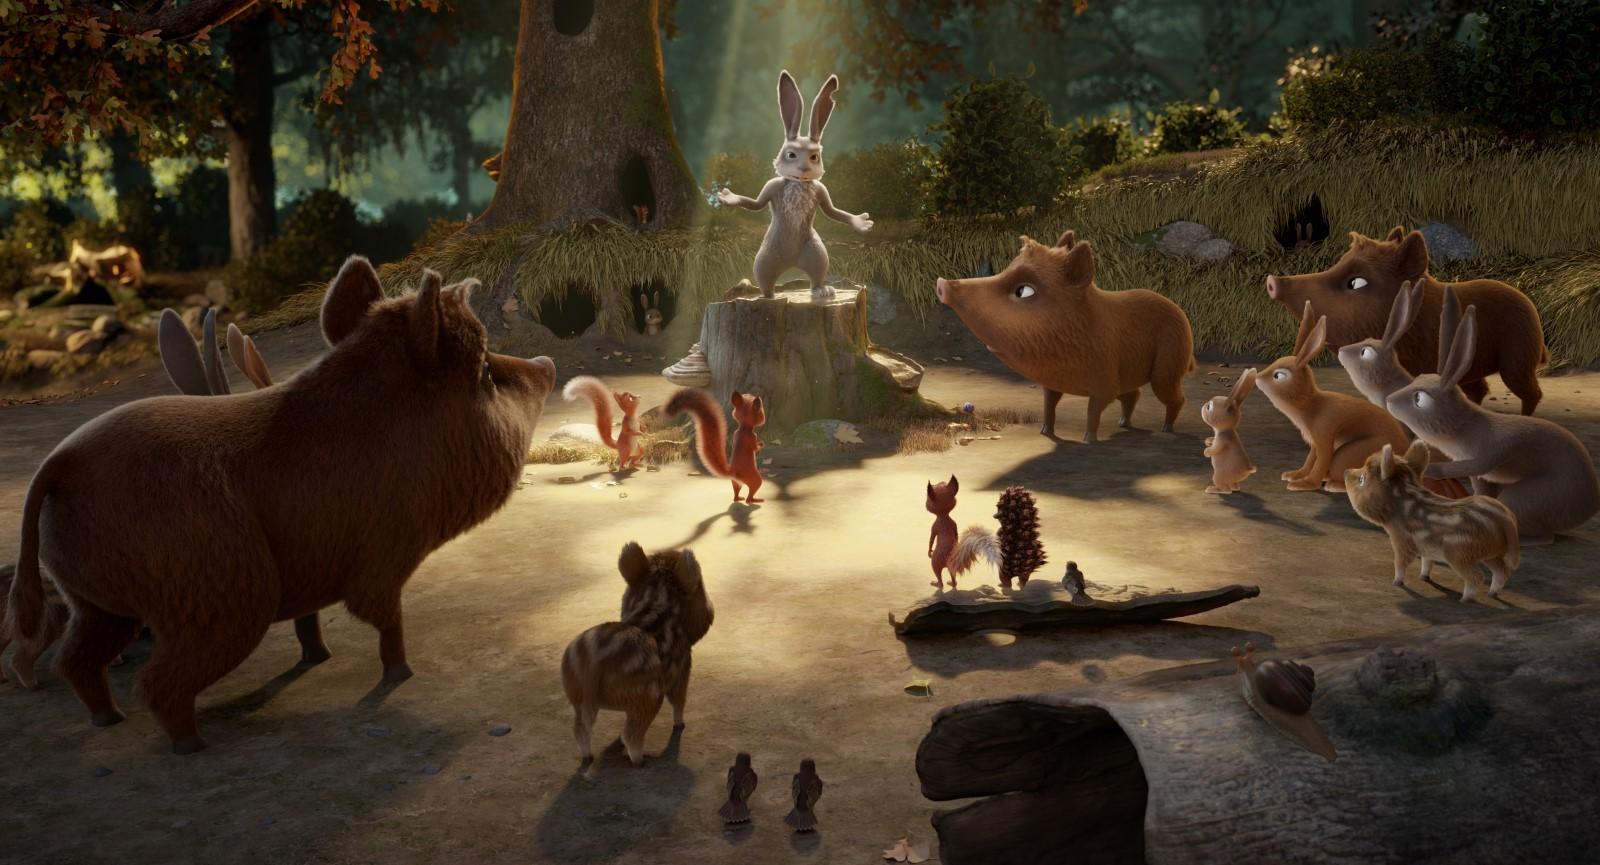 Latte e la pietra magica: una sequenza del film